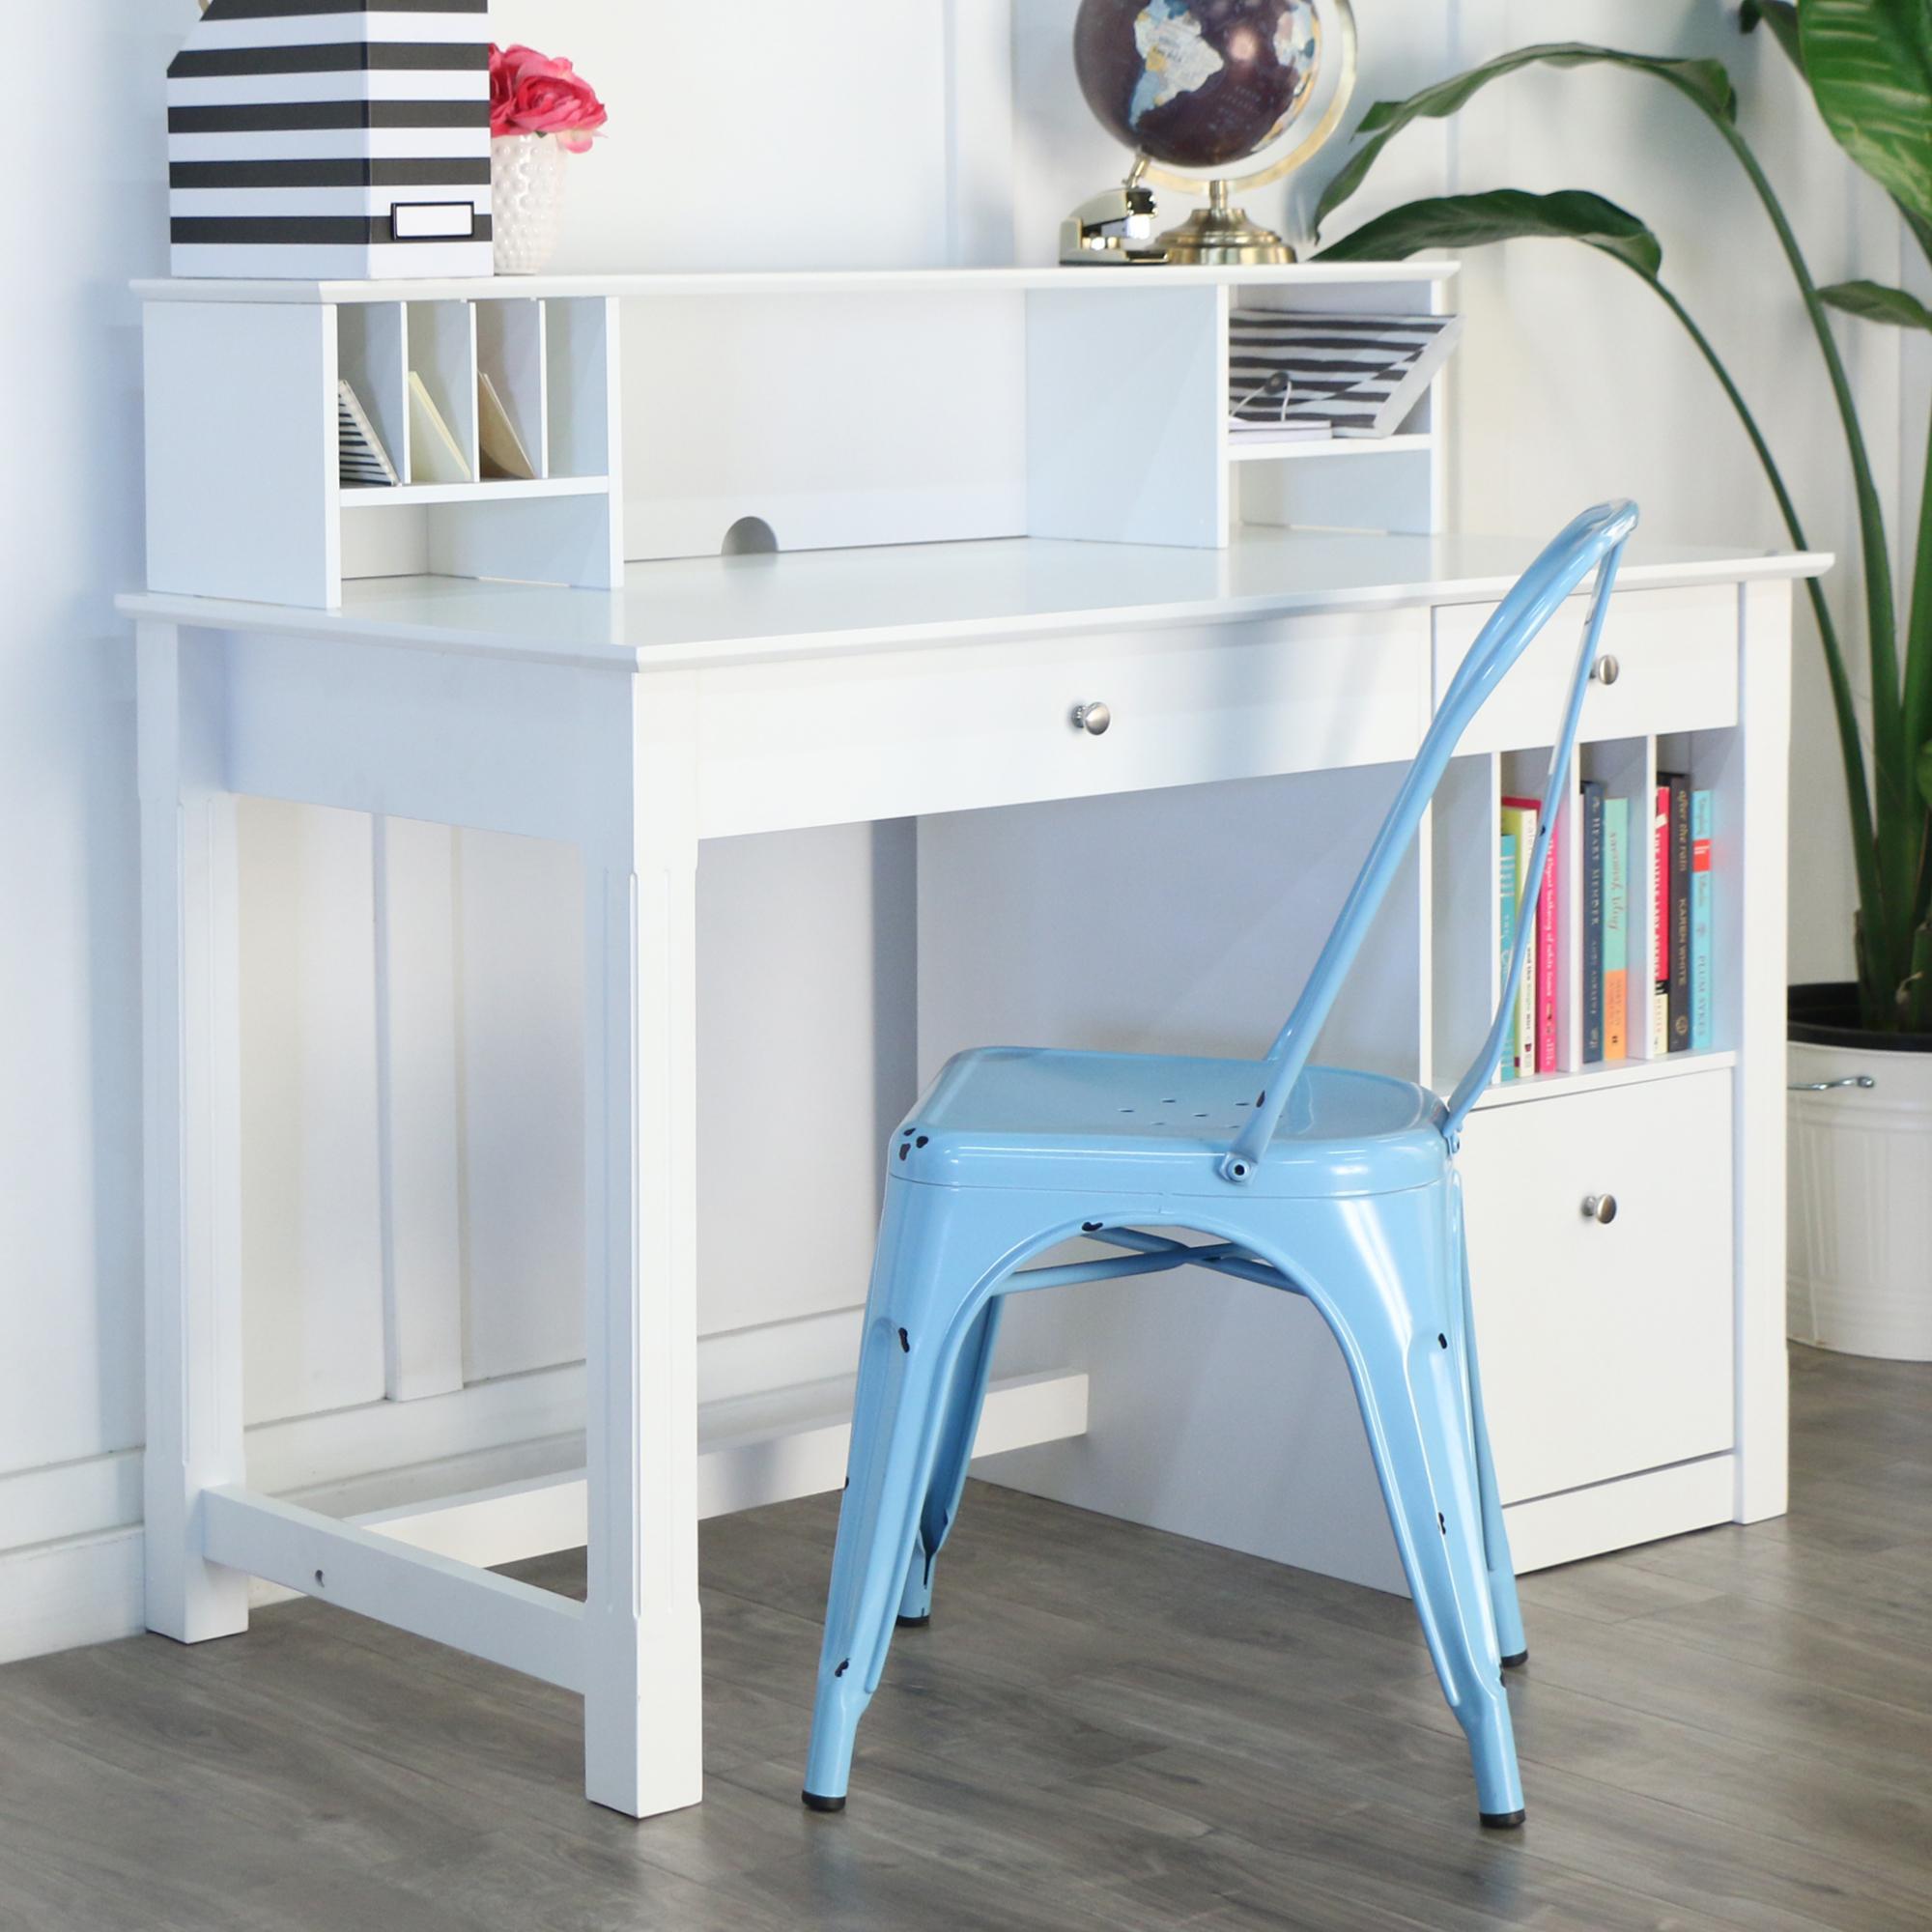 amazon com we furniture white wood deluxe storage computer desk rh amazon com white desk with hutch for sale secretary desk with hutch white